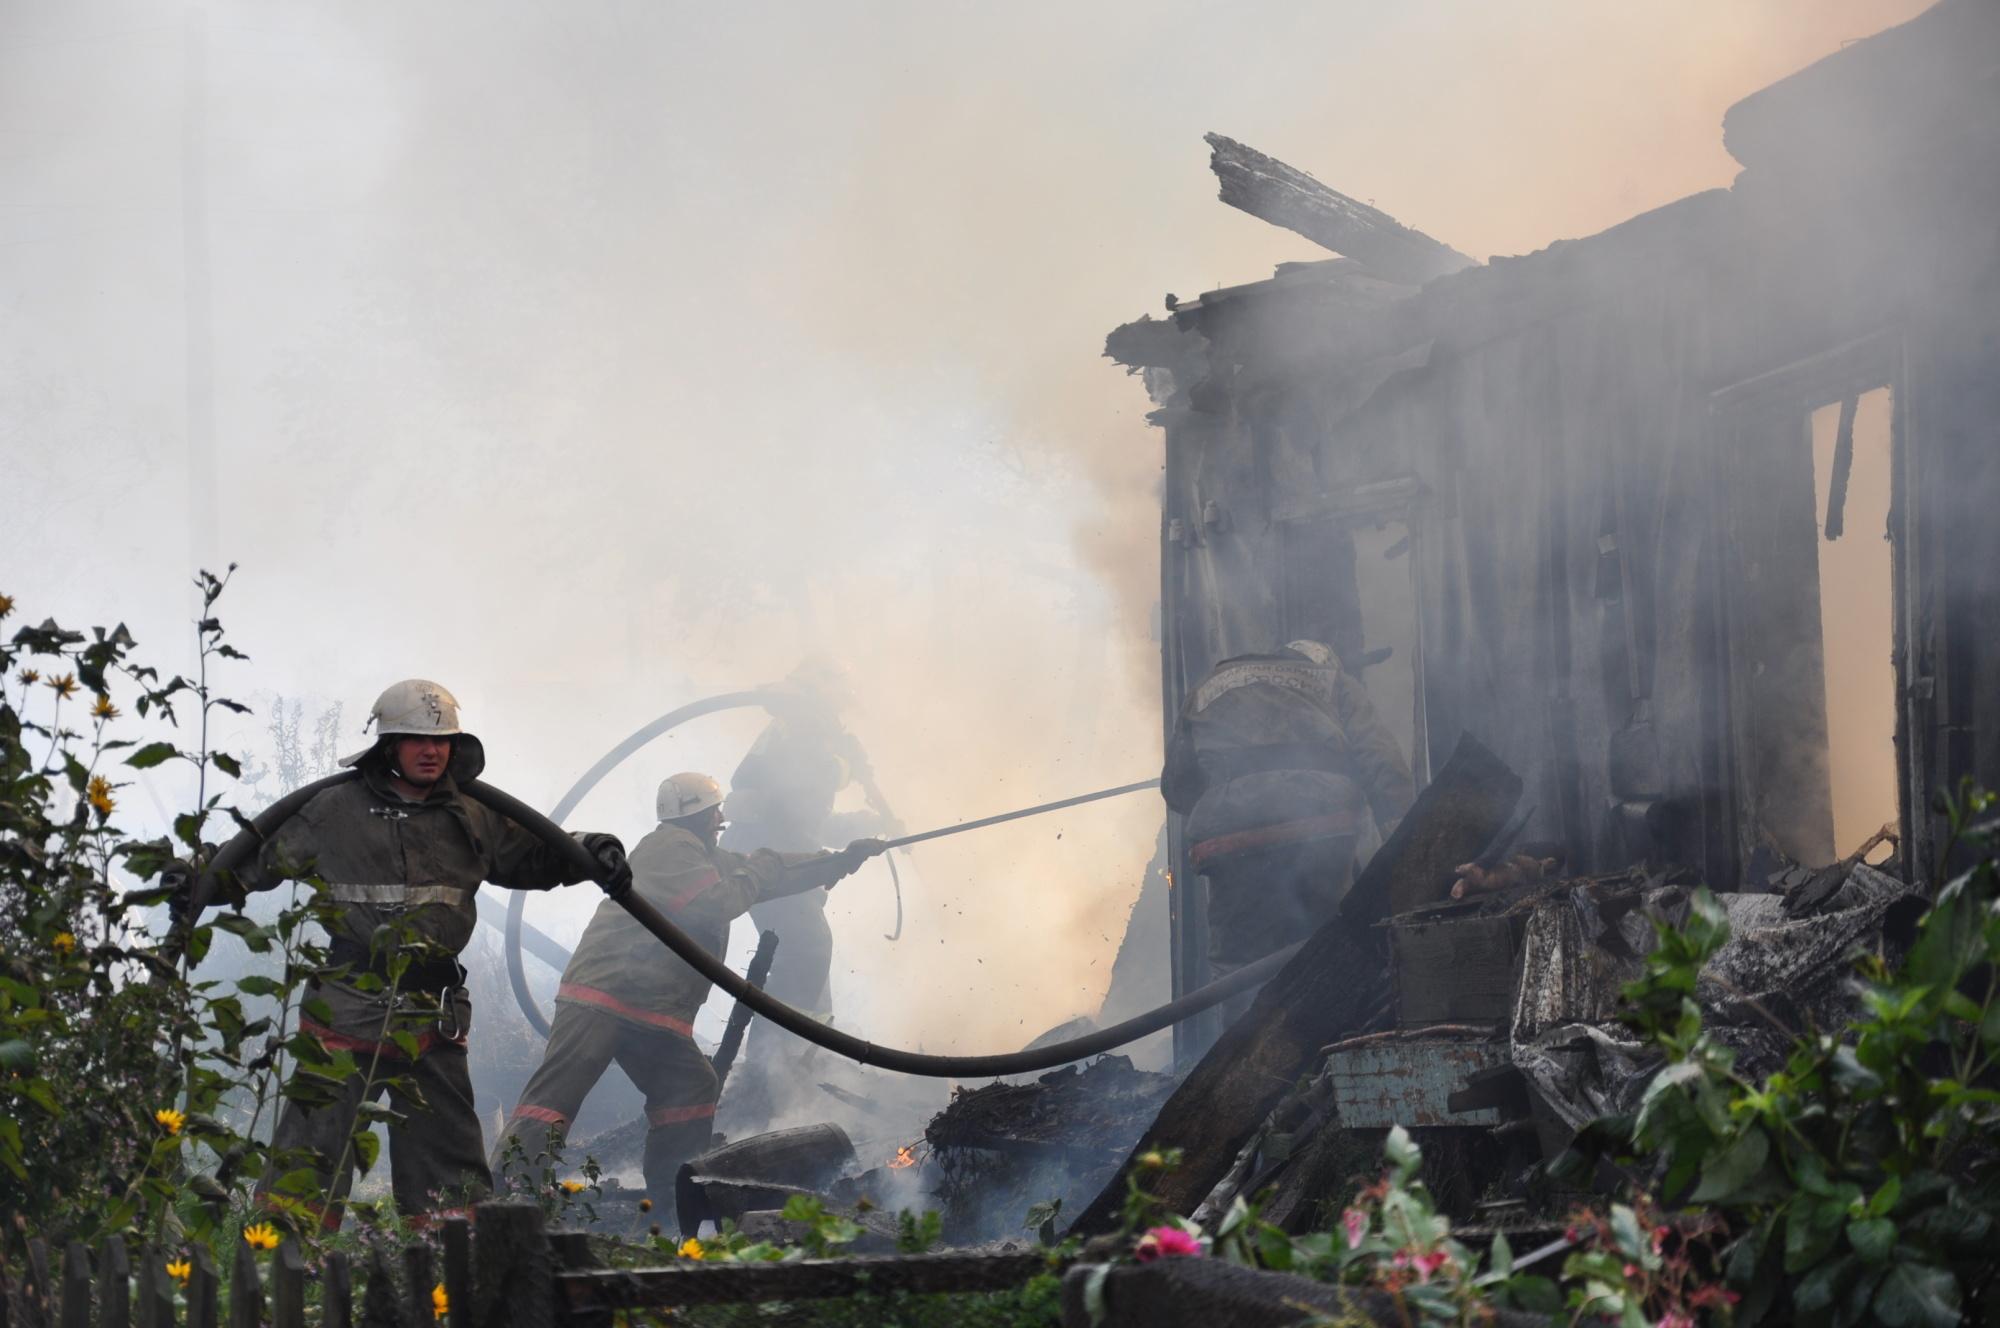 На Камчатке сотрудники государственного пожарного надзора выясняют причину возгорания в хозяйственных постройках